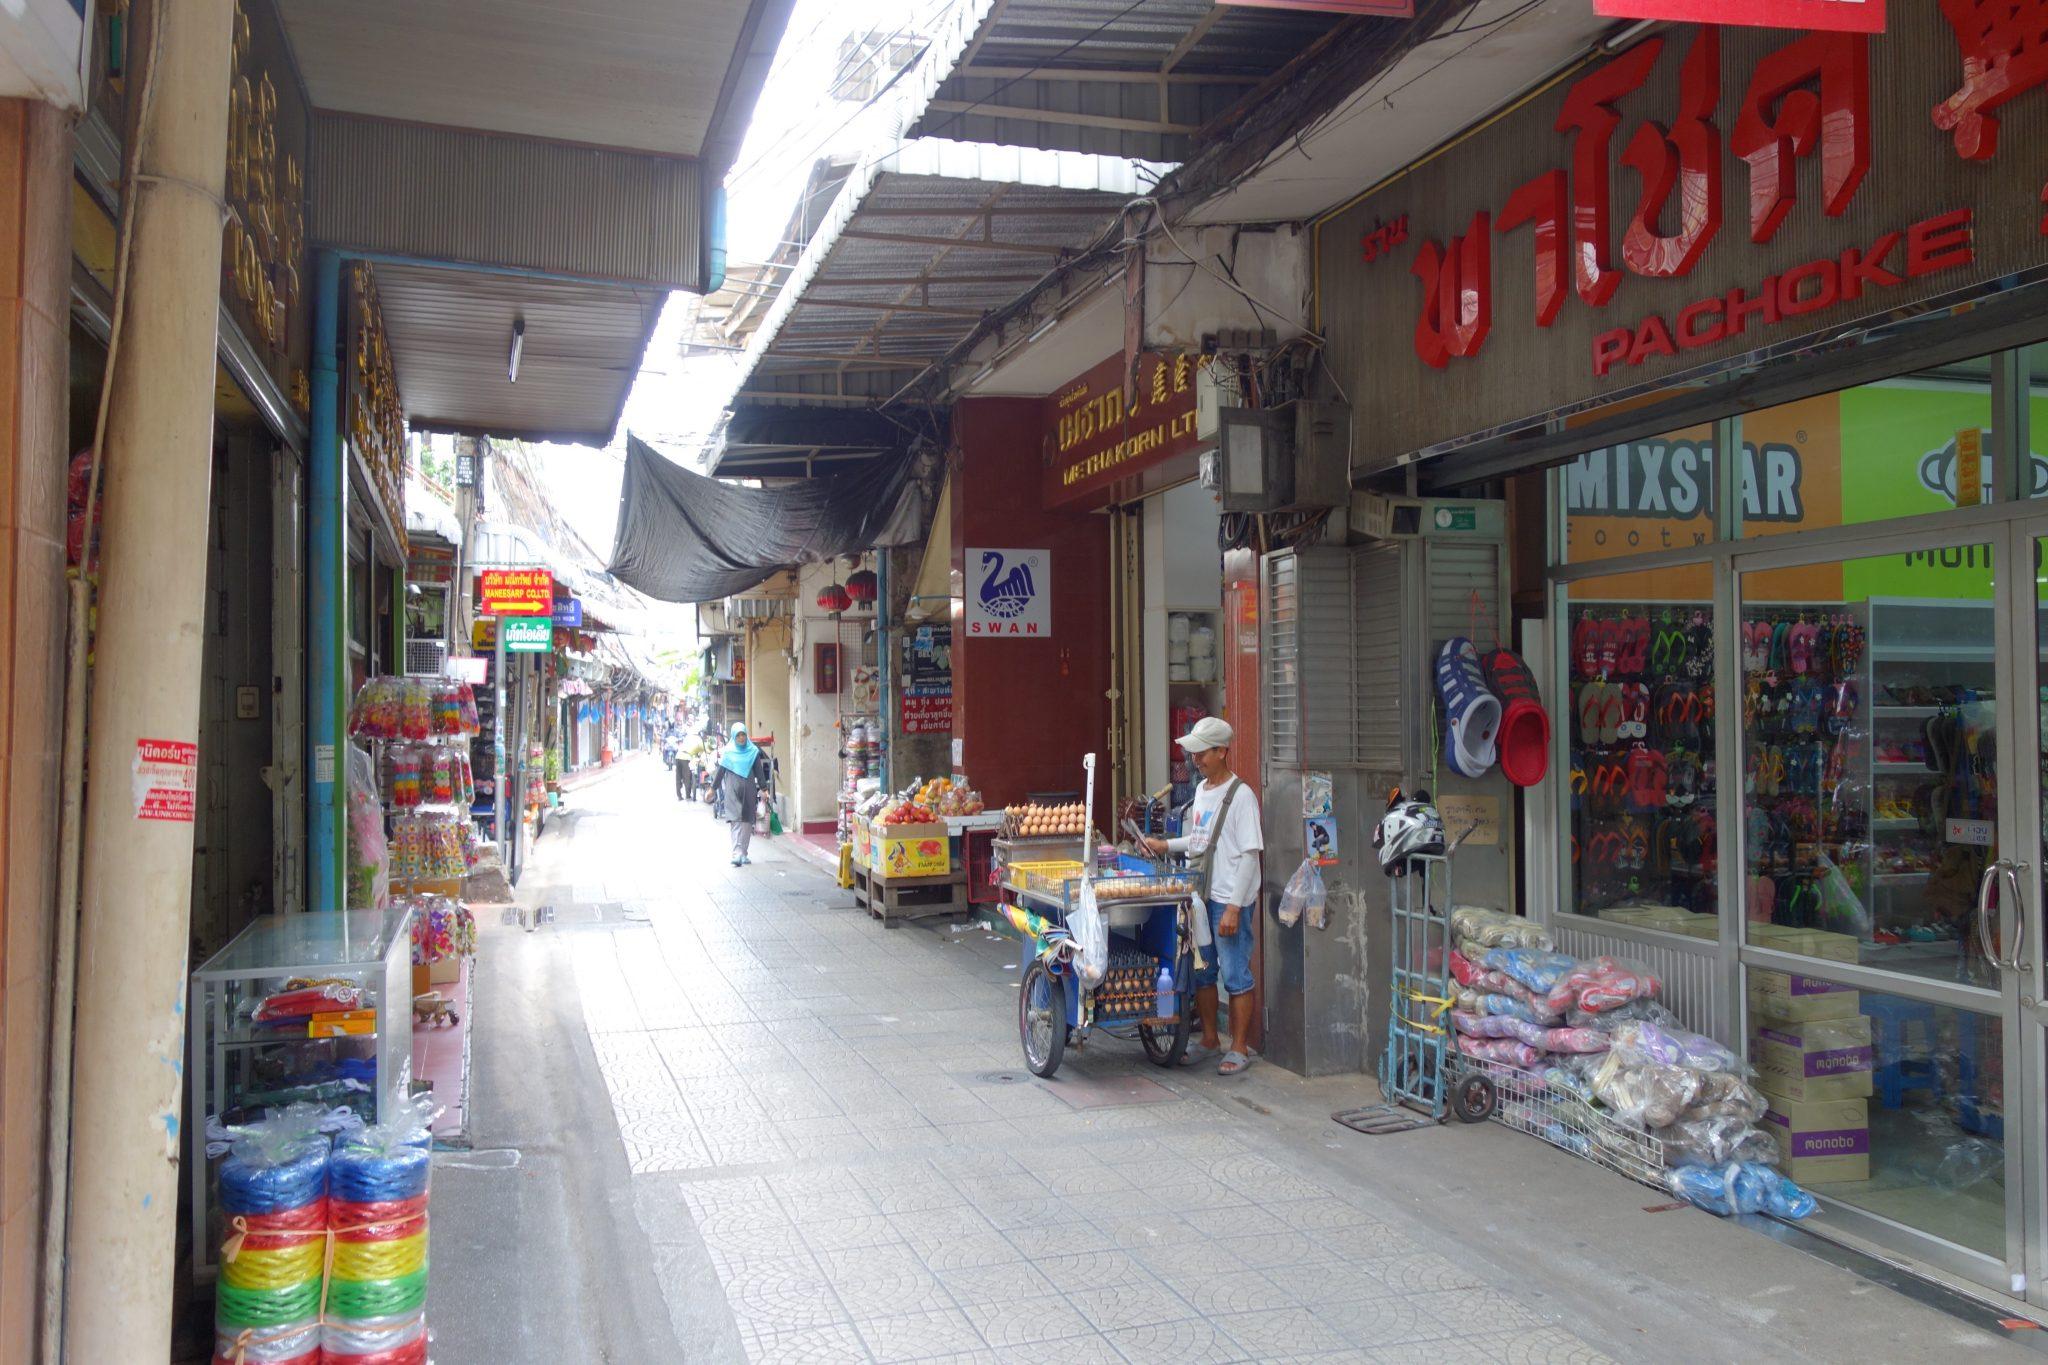 Thailand, Bangkok, Chinatown: Enge Wege sind hier normal, obwohl dieser noch ziemlich breit ist